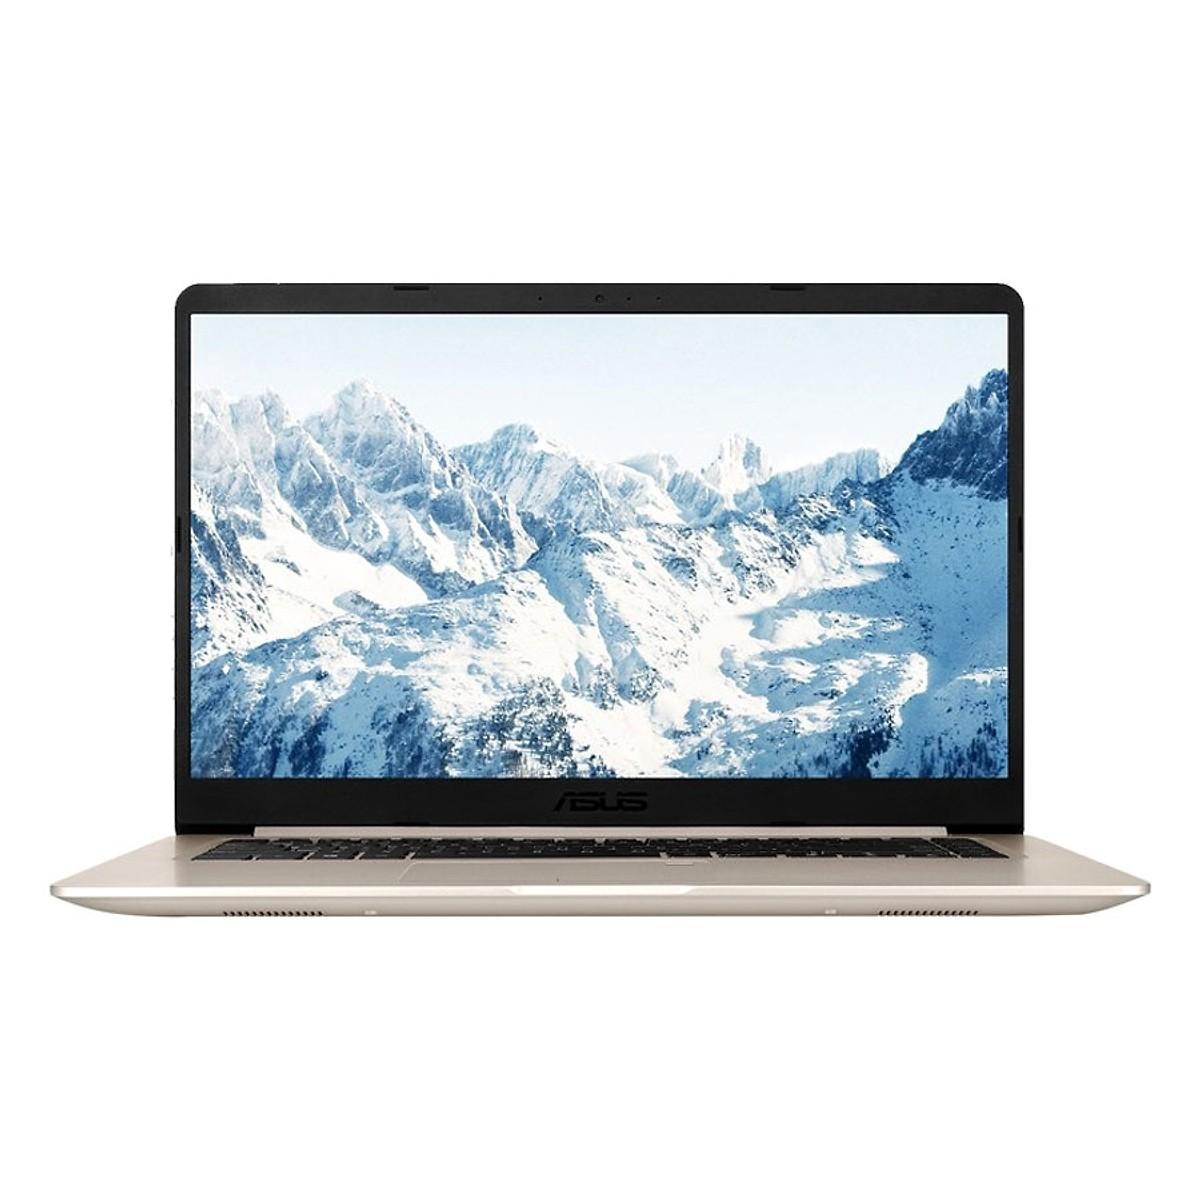 Asus   Máy tính xách tay - Laptop    Laptop Asus Vivobook S15 S510UA-BQ111T Core i3-7100U / Win 10 1